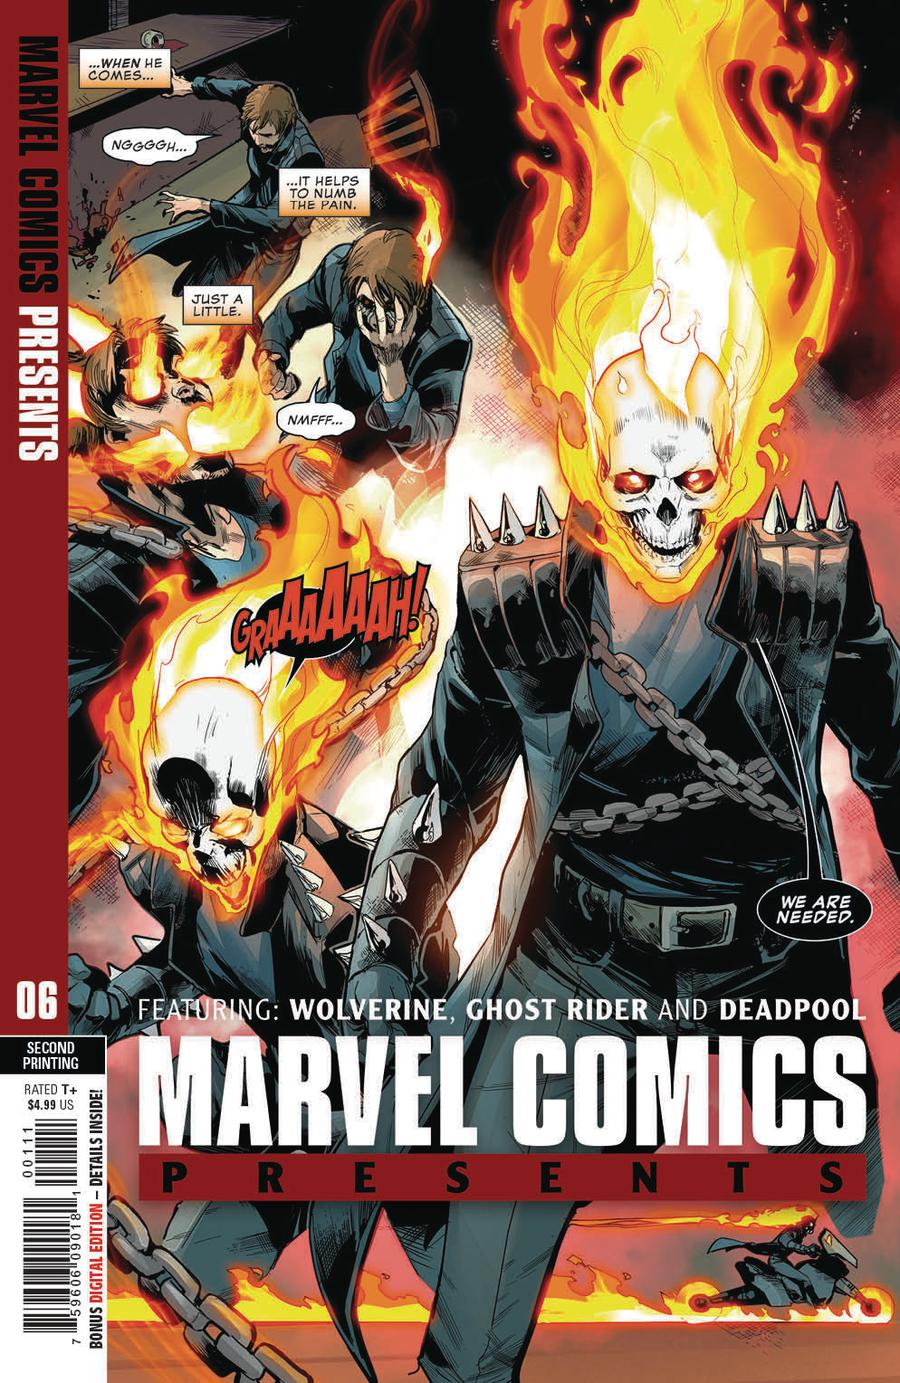 Marvel Comics Presents Vol 3 #6 Cover B 2nd Ptg Variant Juan Frigeri Cover